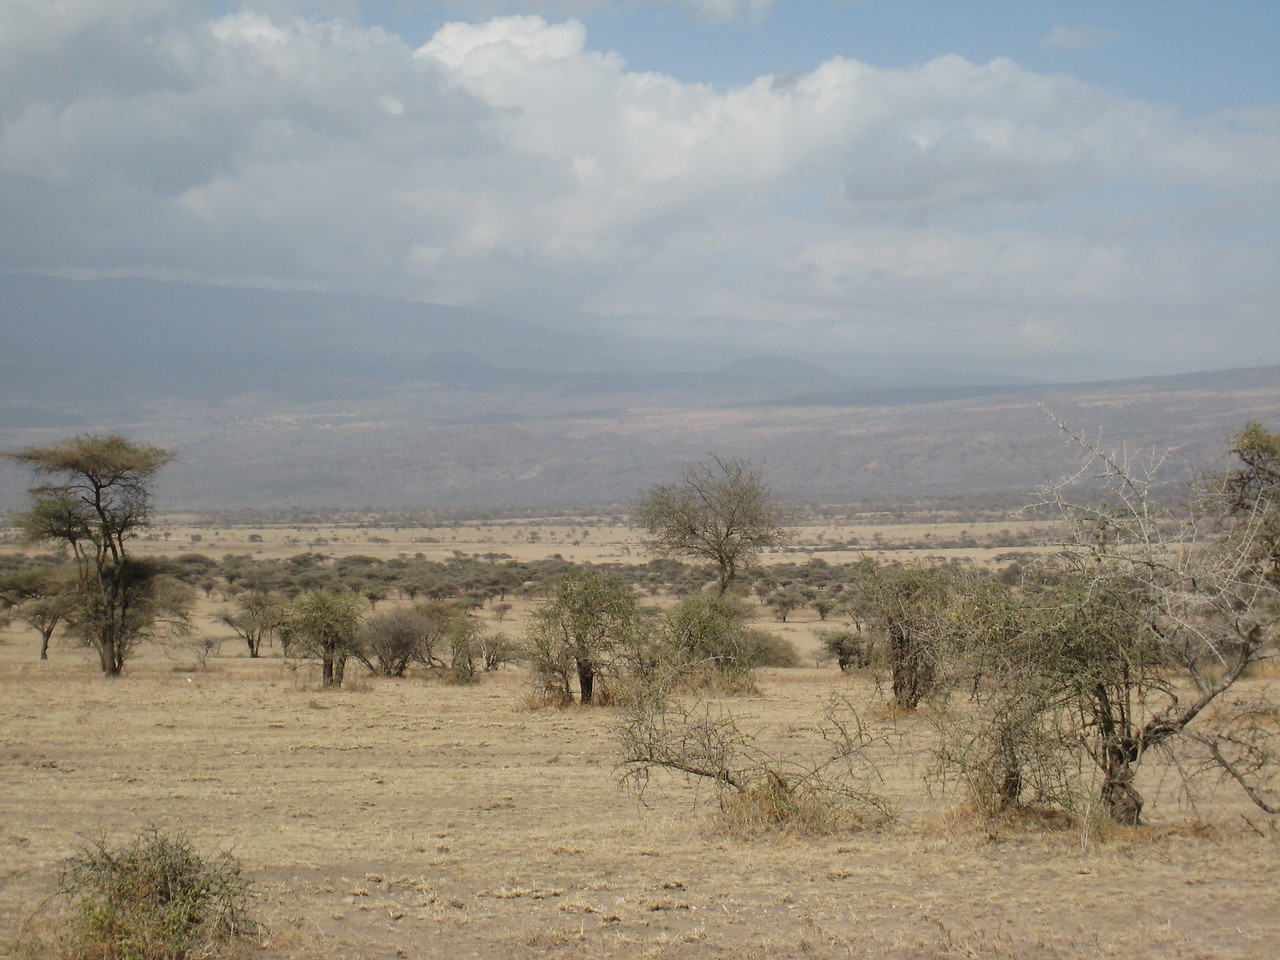 Inside the Ngorogoro Crater.